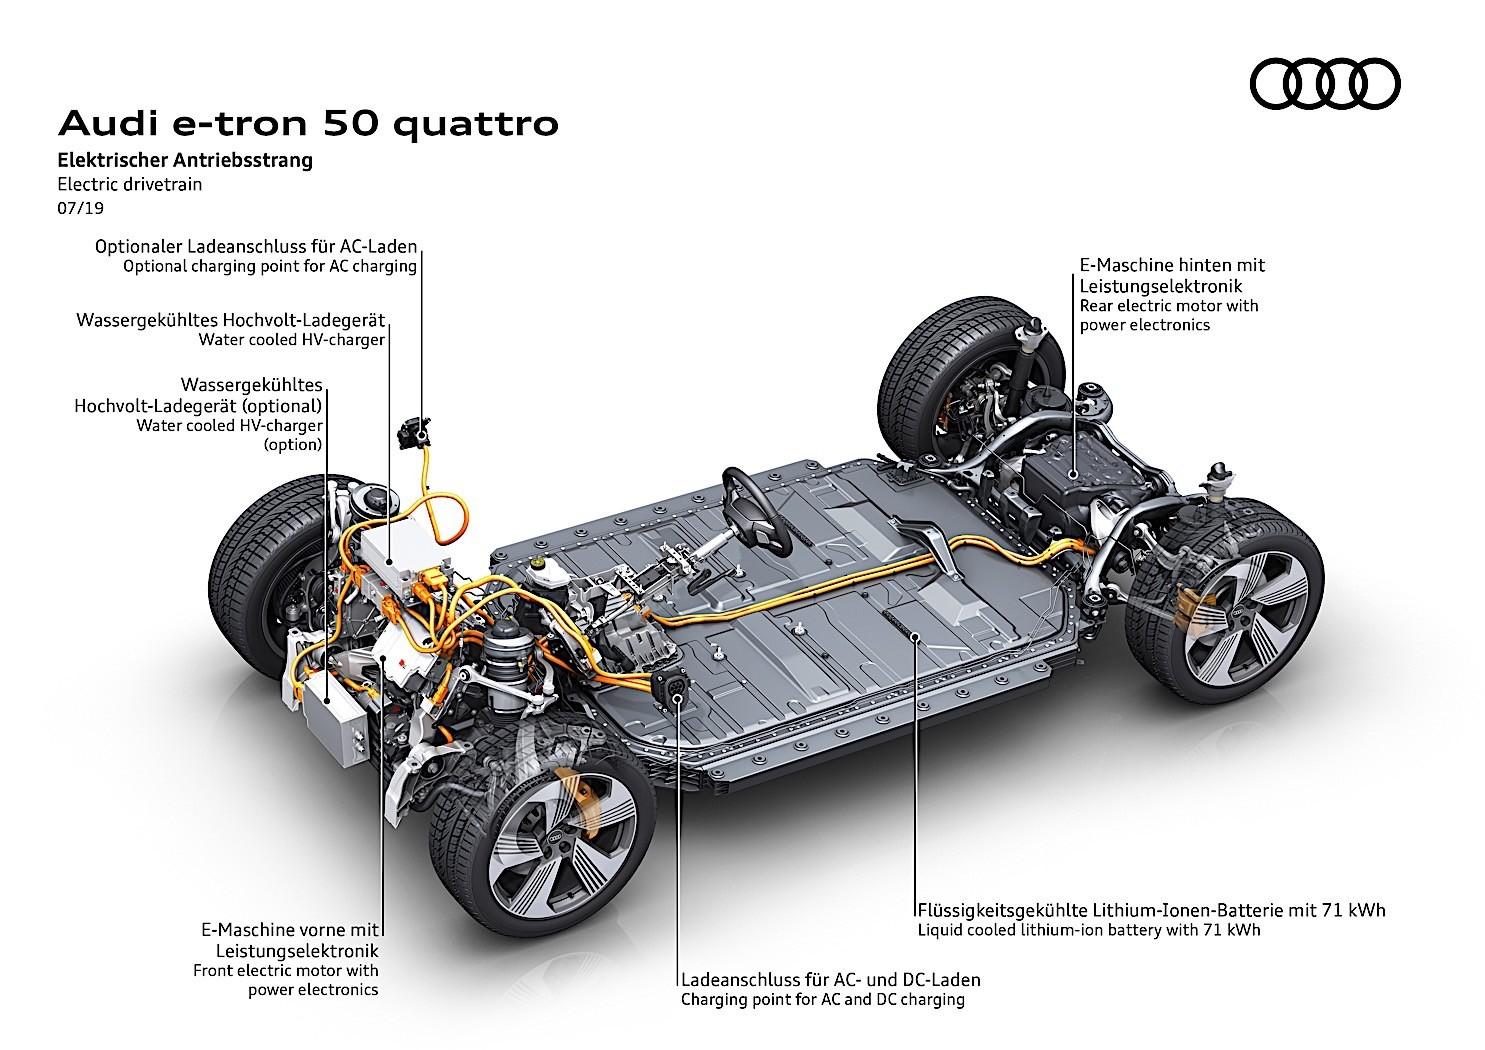 纯电车型再投放,奥迪e-tron 50 quattro能震四个圈的声威吗?